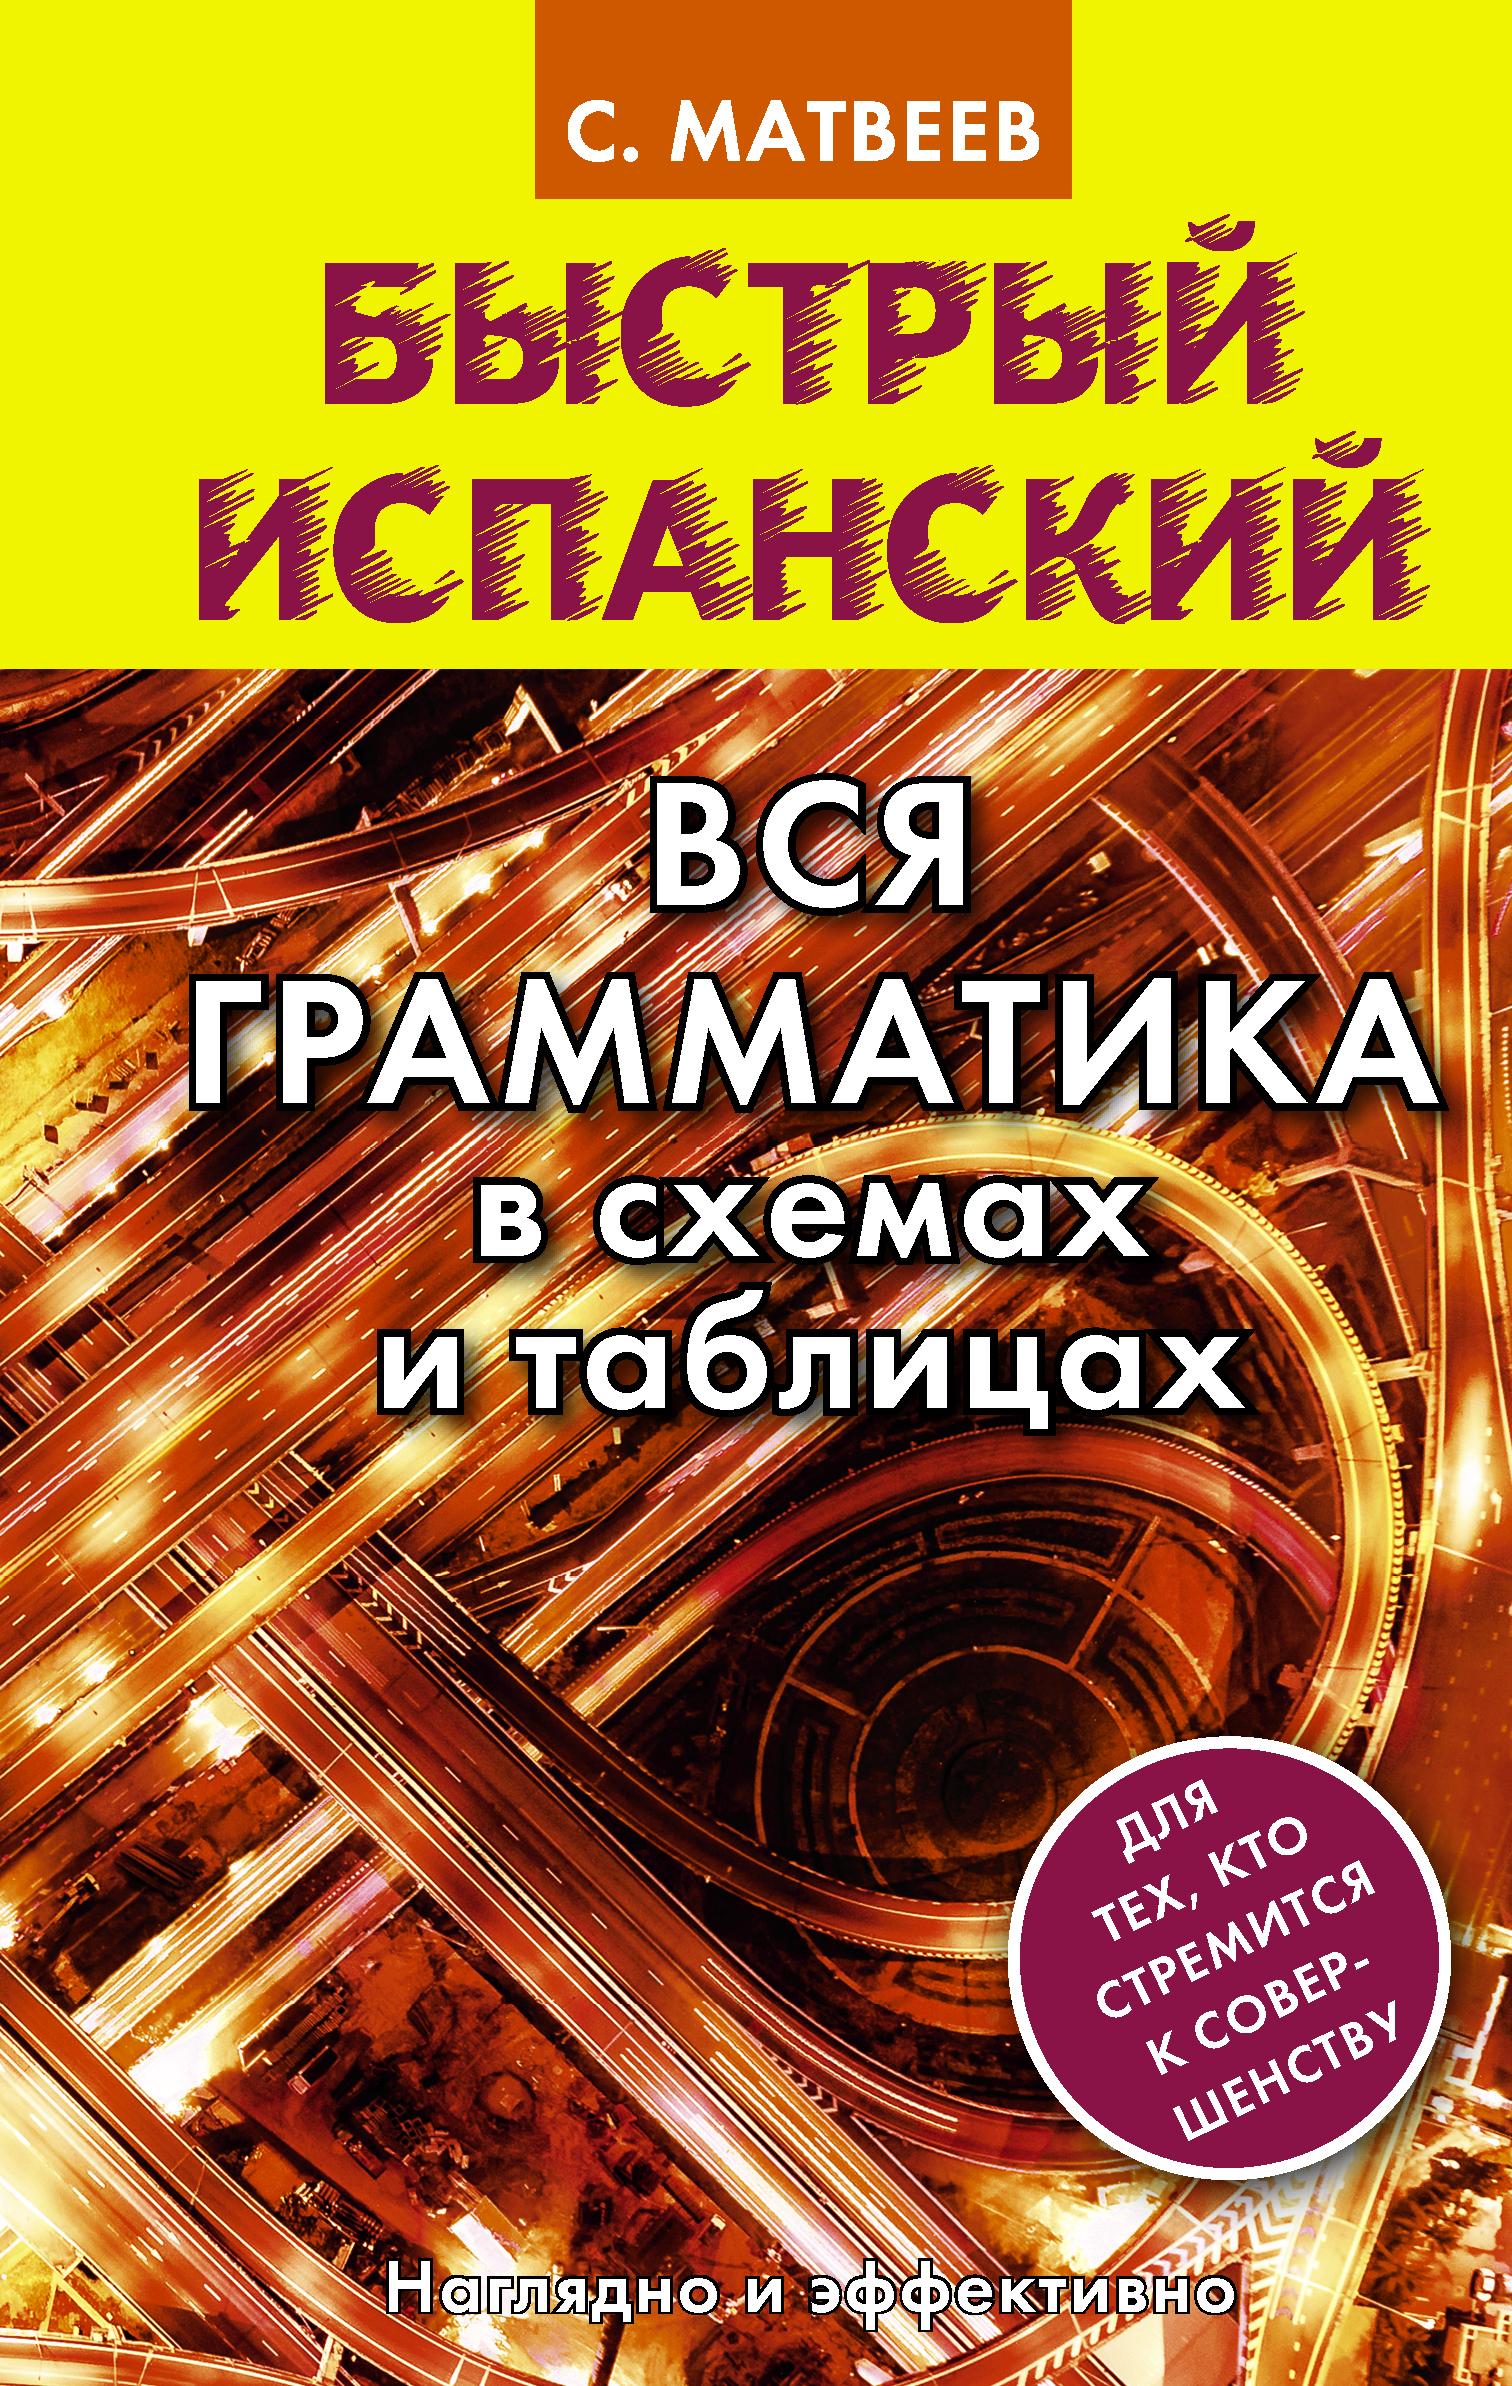 Купить книгу Быстрый испанский. Вся грамматика в схемах и таблицах, автора С. А. Матвеева